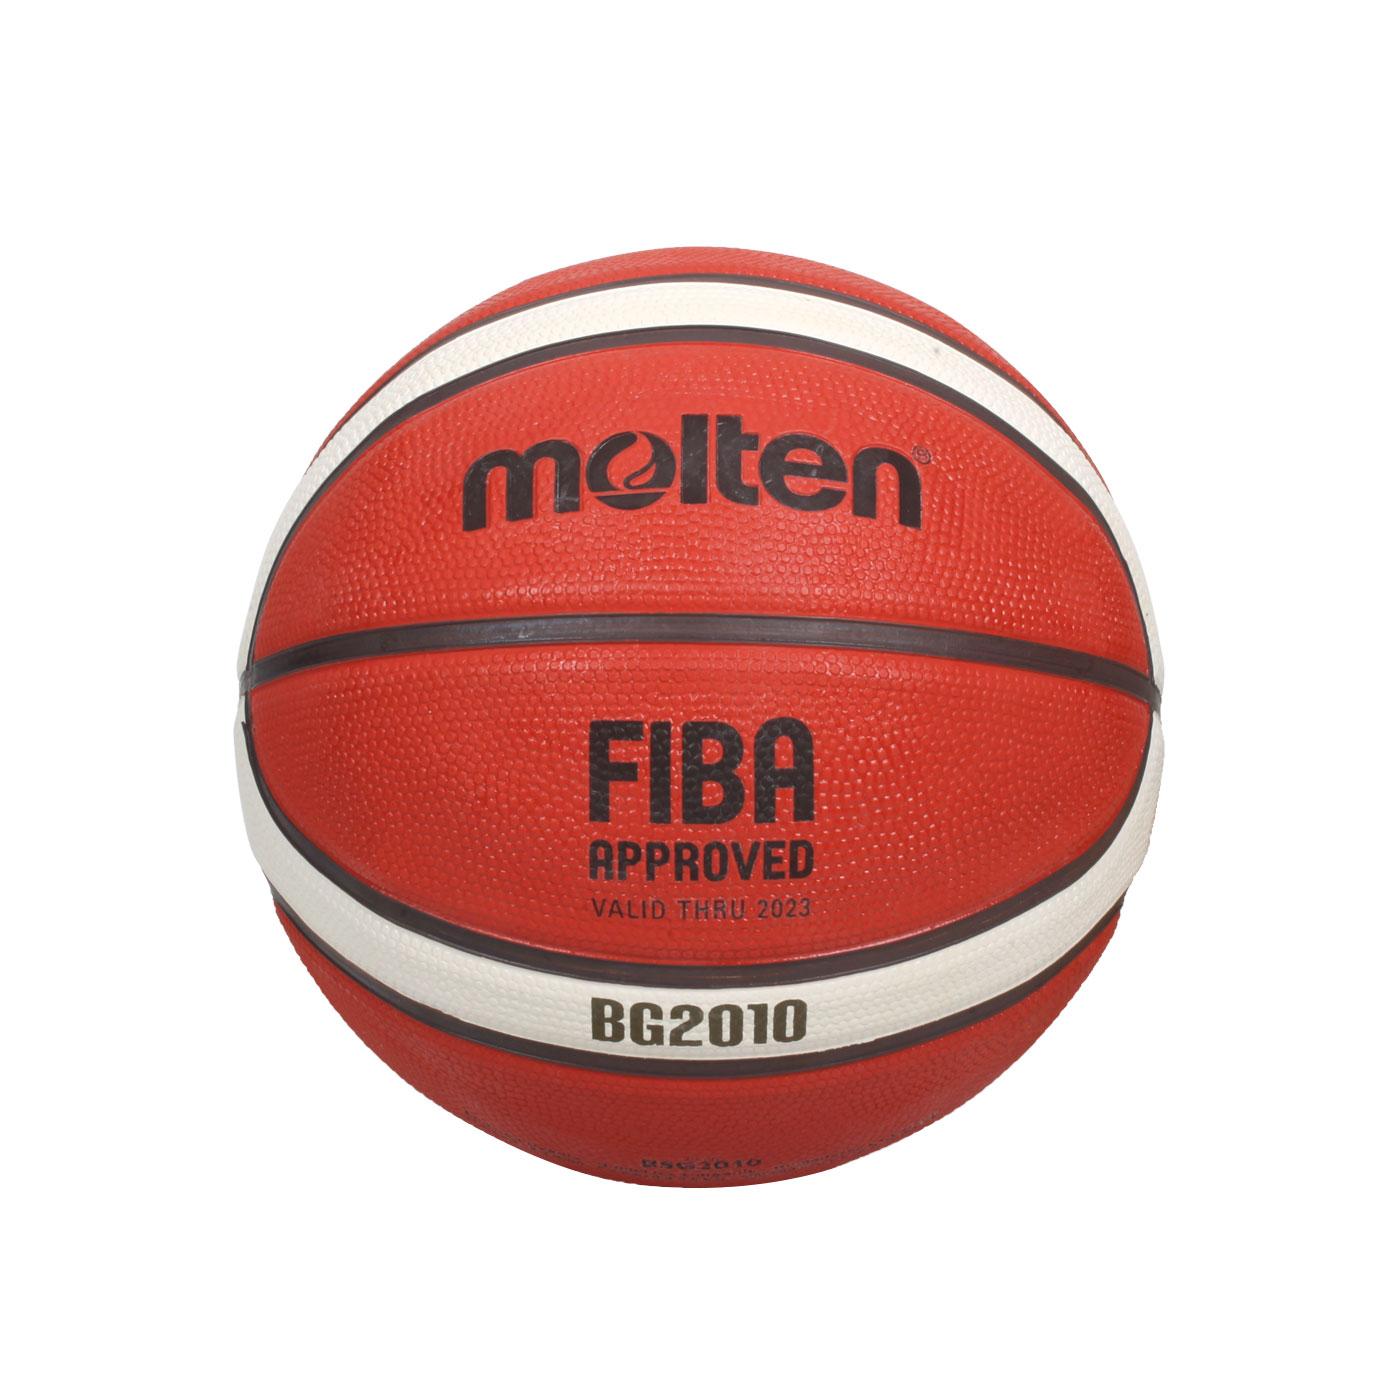 Molten 12片橡膠深溝籃球#5  B5G2010